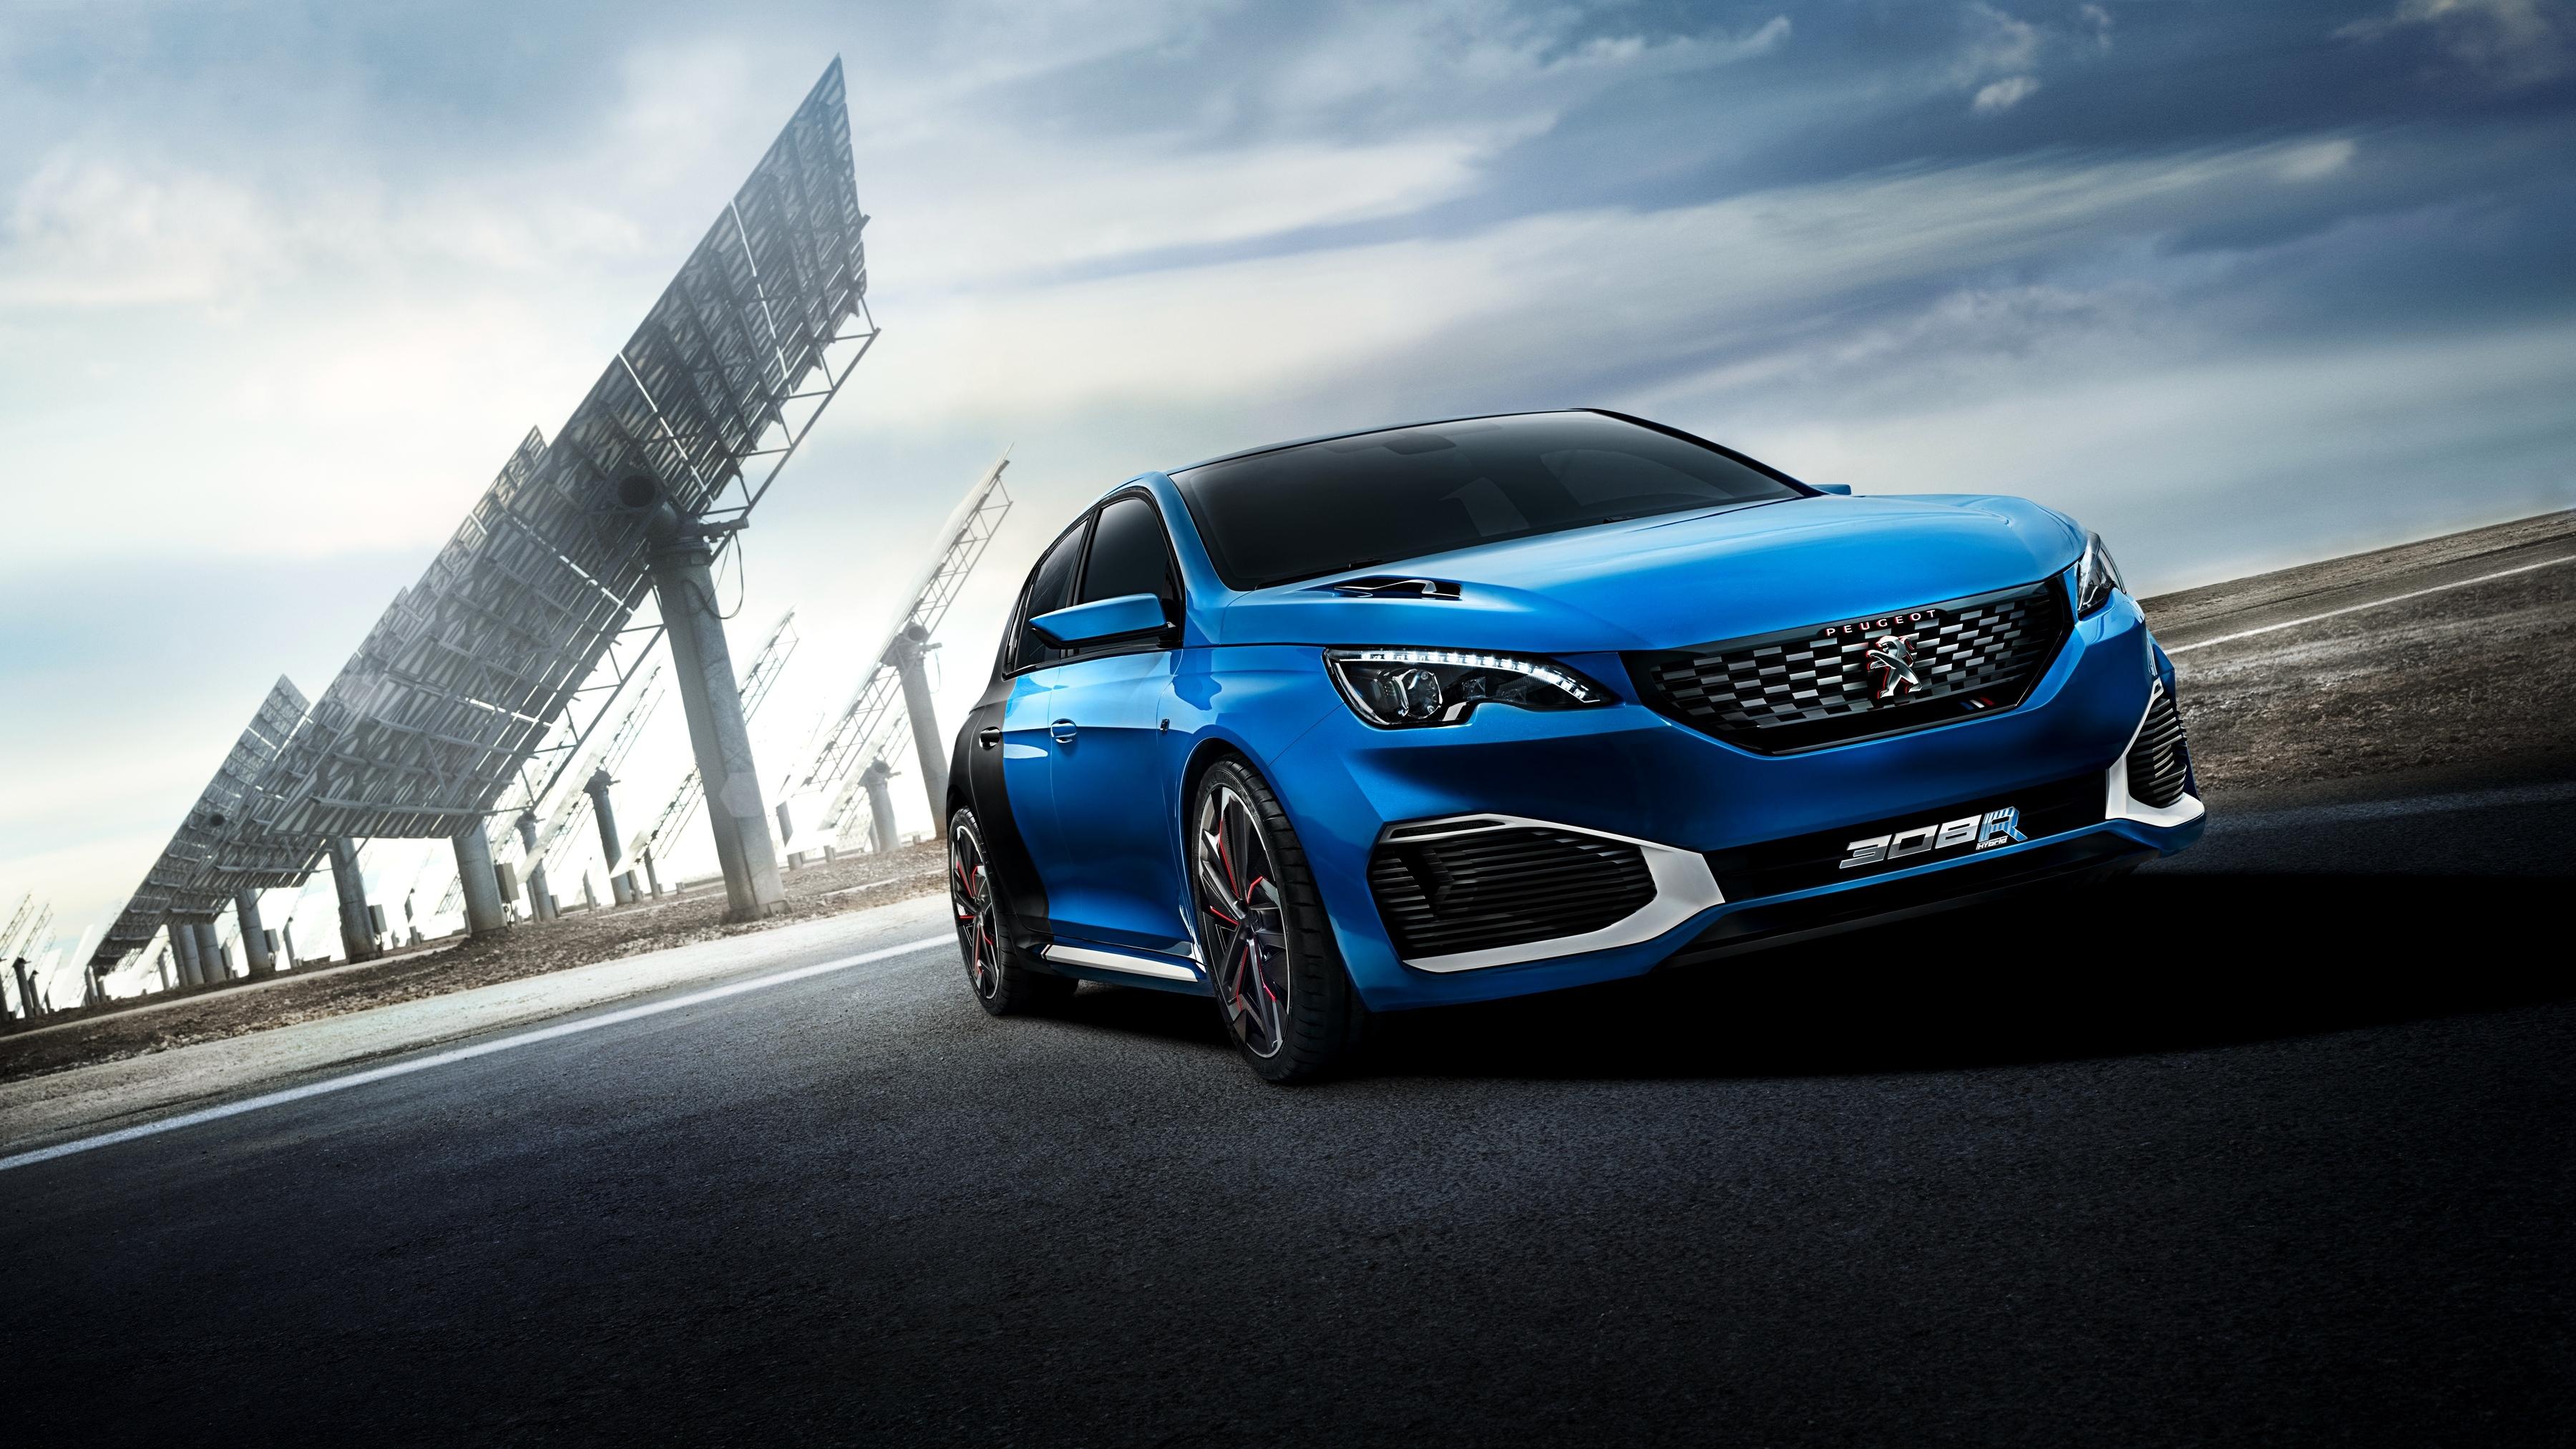 80481 скачать обои Пежо (Peugeot), Тачки (Cars), Синий, Вид Сбоку, Hybrid, 308 R - заставки и картинки бесплатно